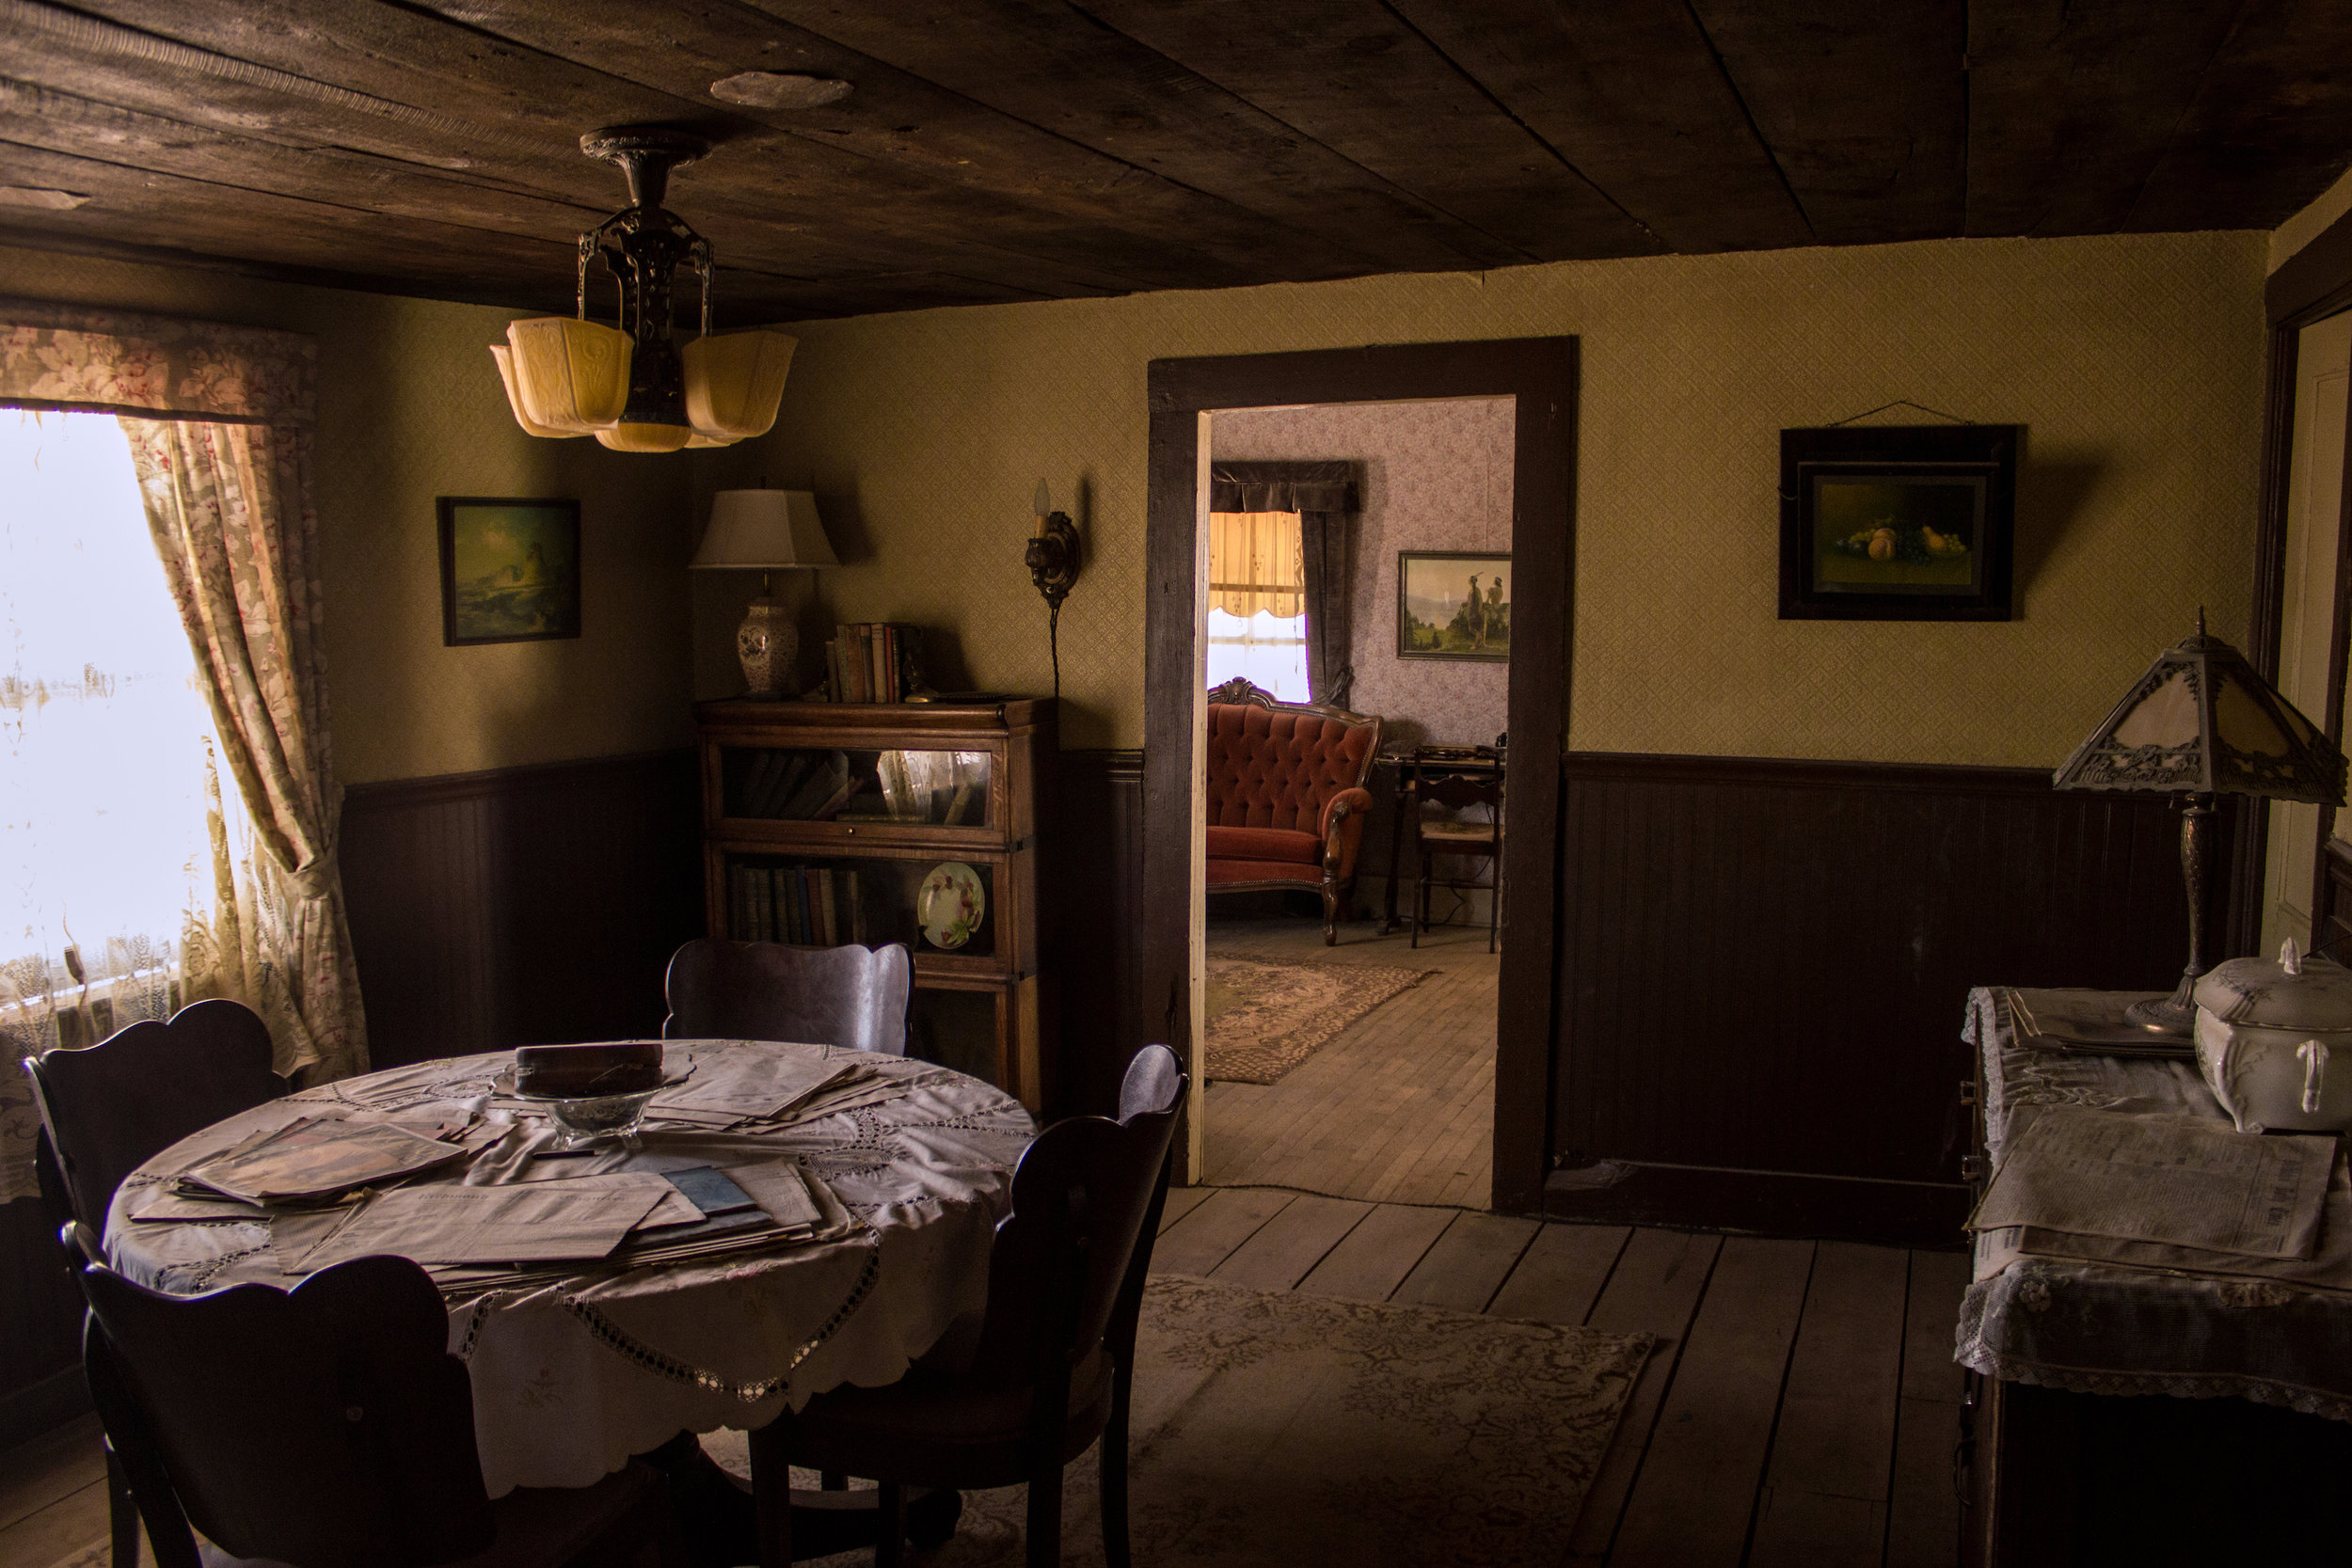 DINING_ROOM-10.jpg